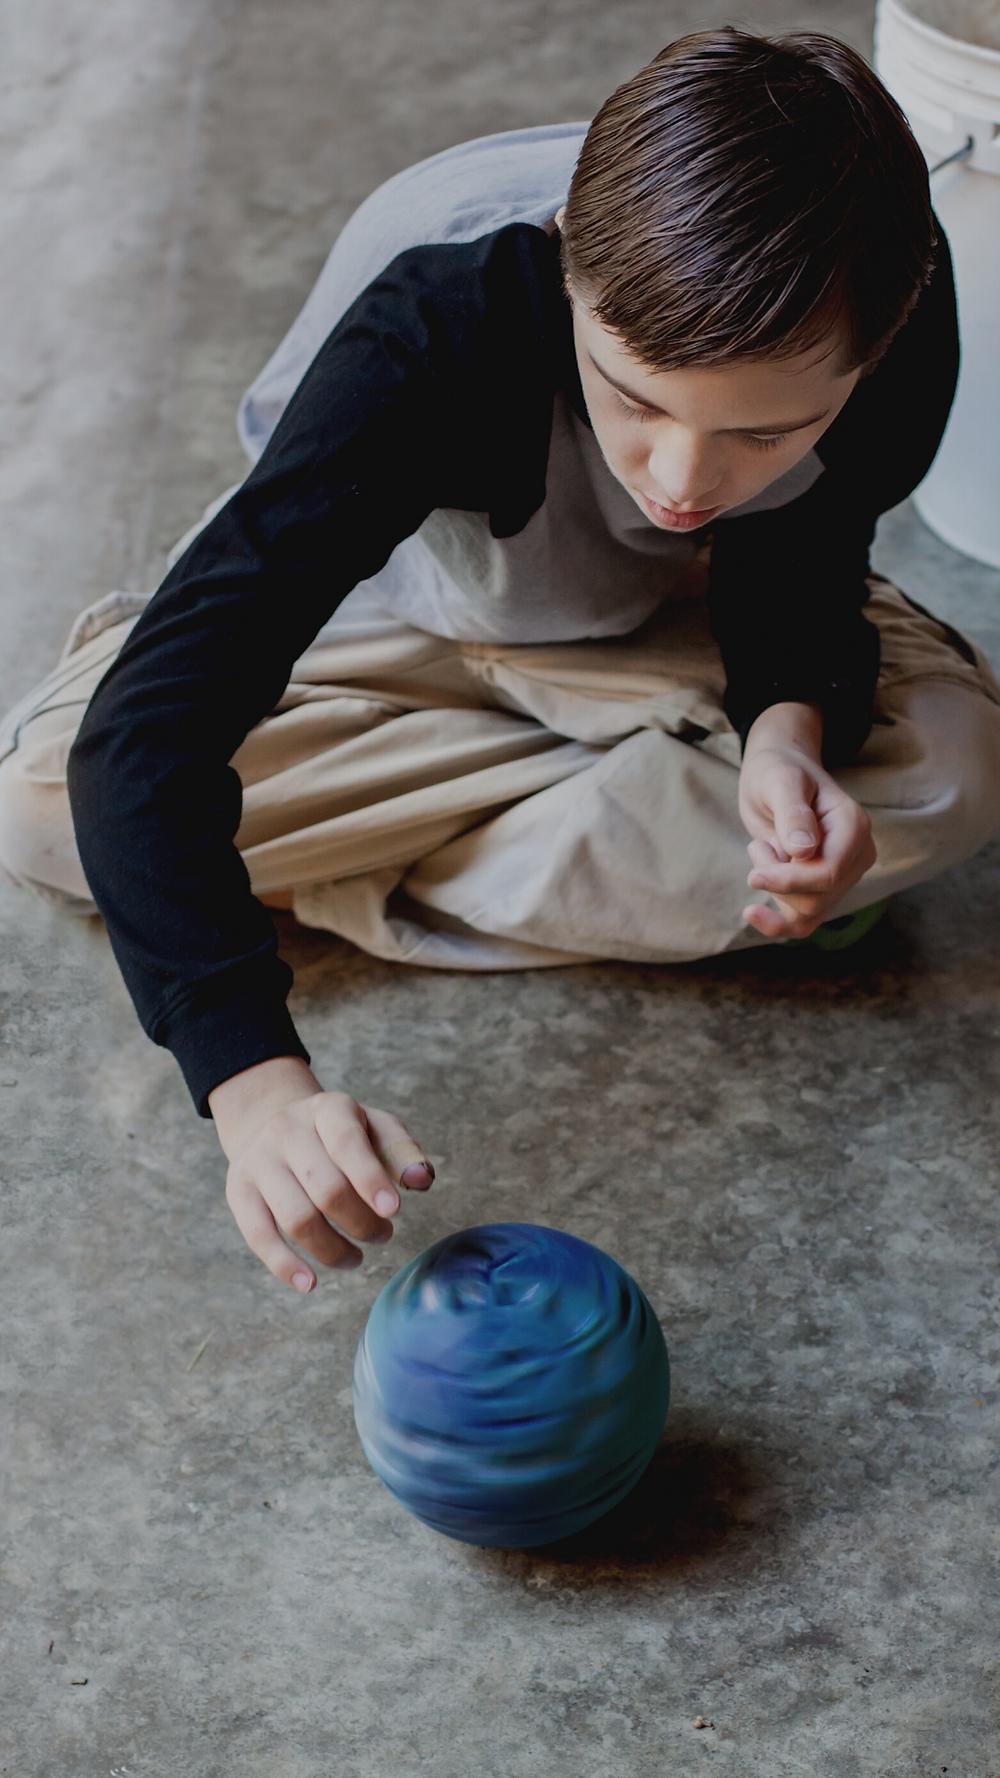 autistisches Kind sitzt im Schneidersitz auf dem Boden und dreht eine blaue Kugel, Quelle: Canva